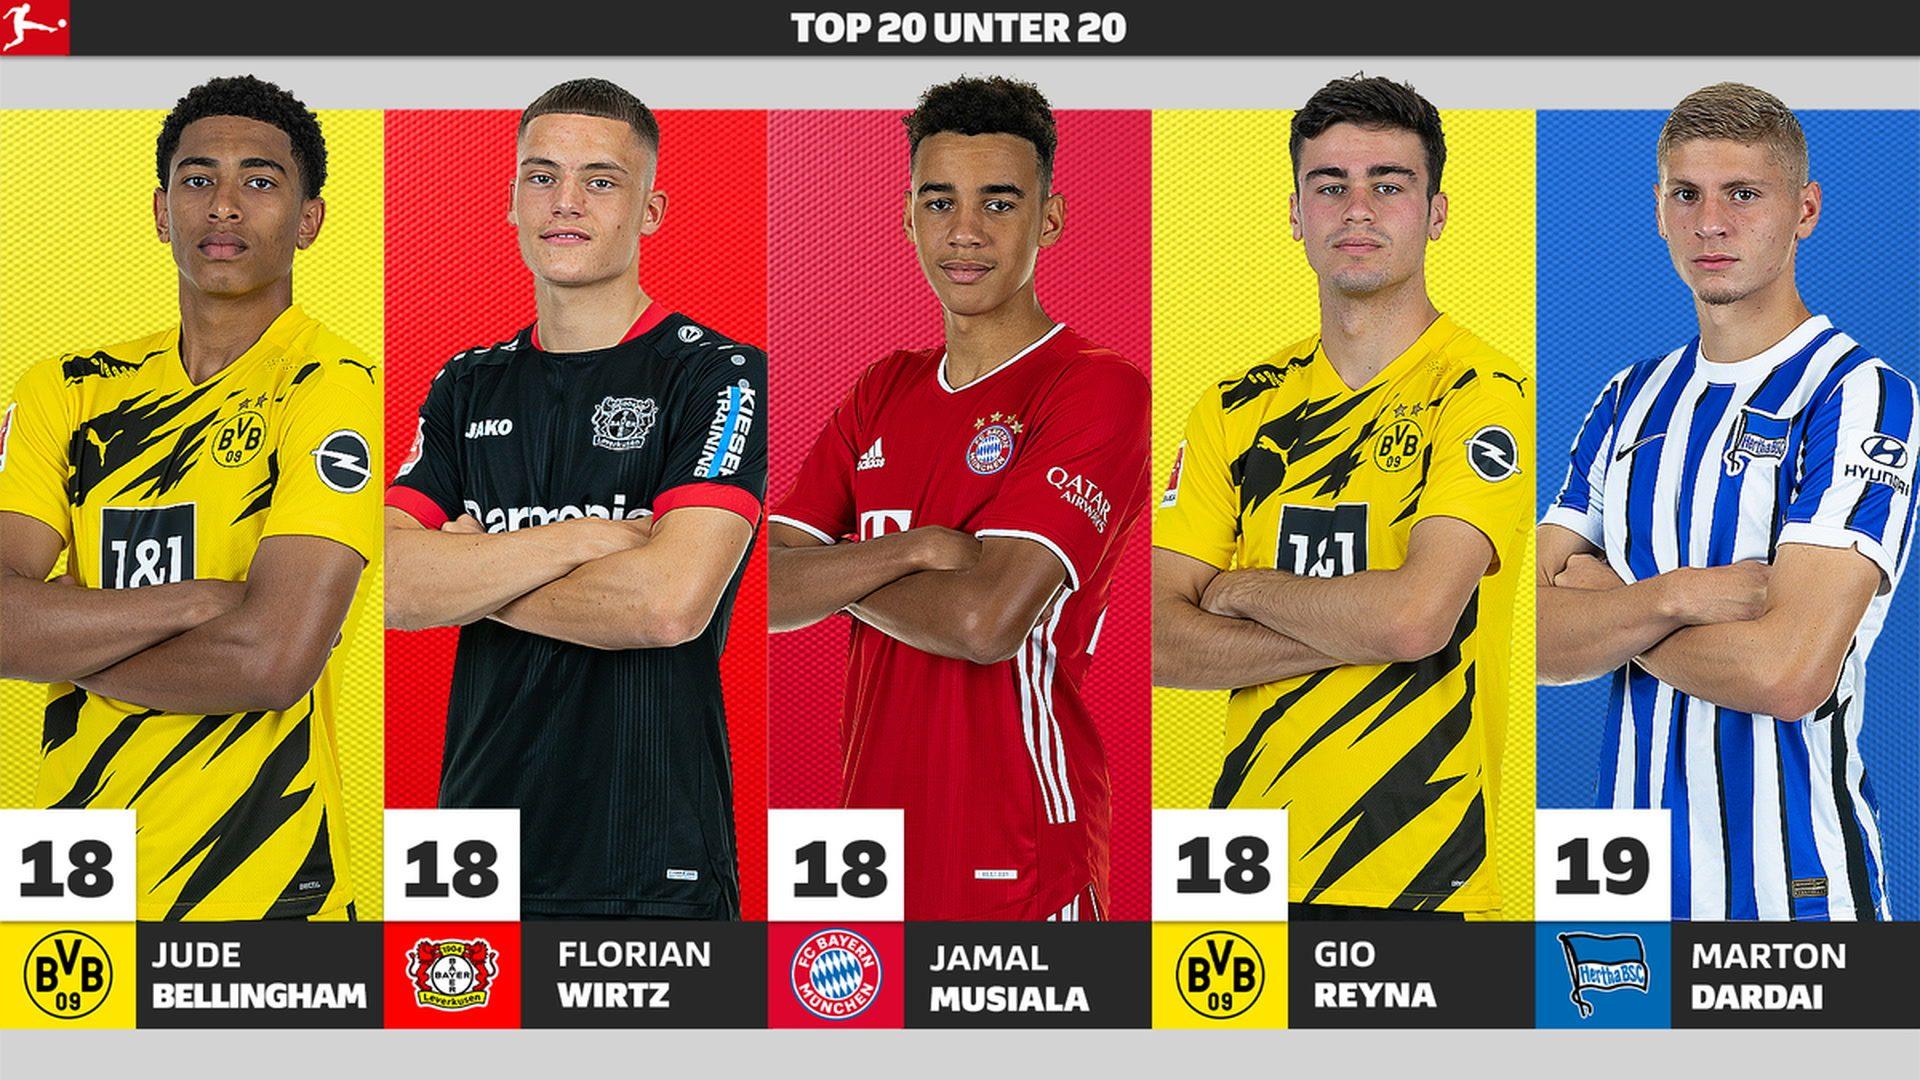 Die Top 20 unter 20 der Bundesliga